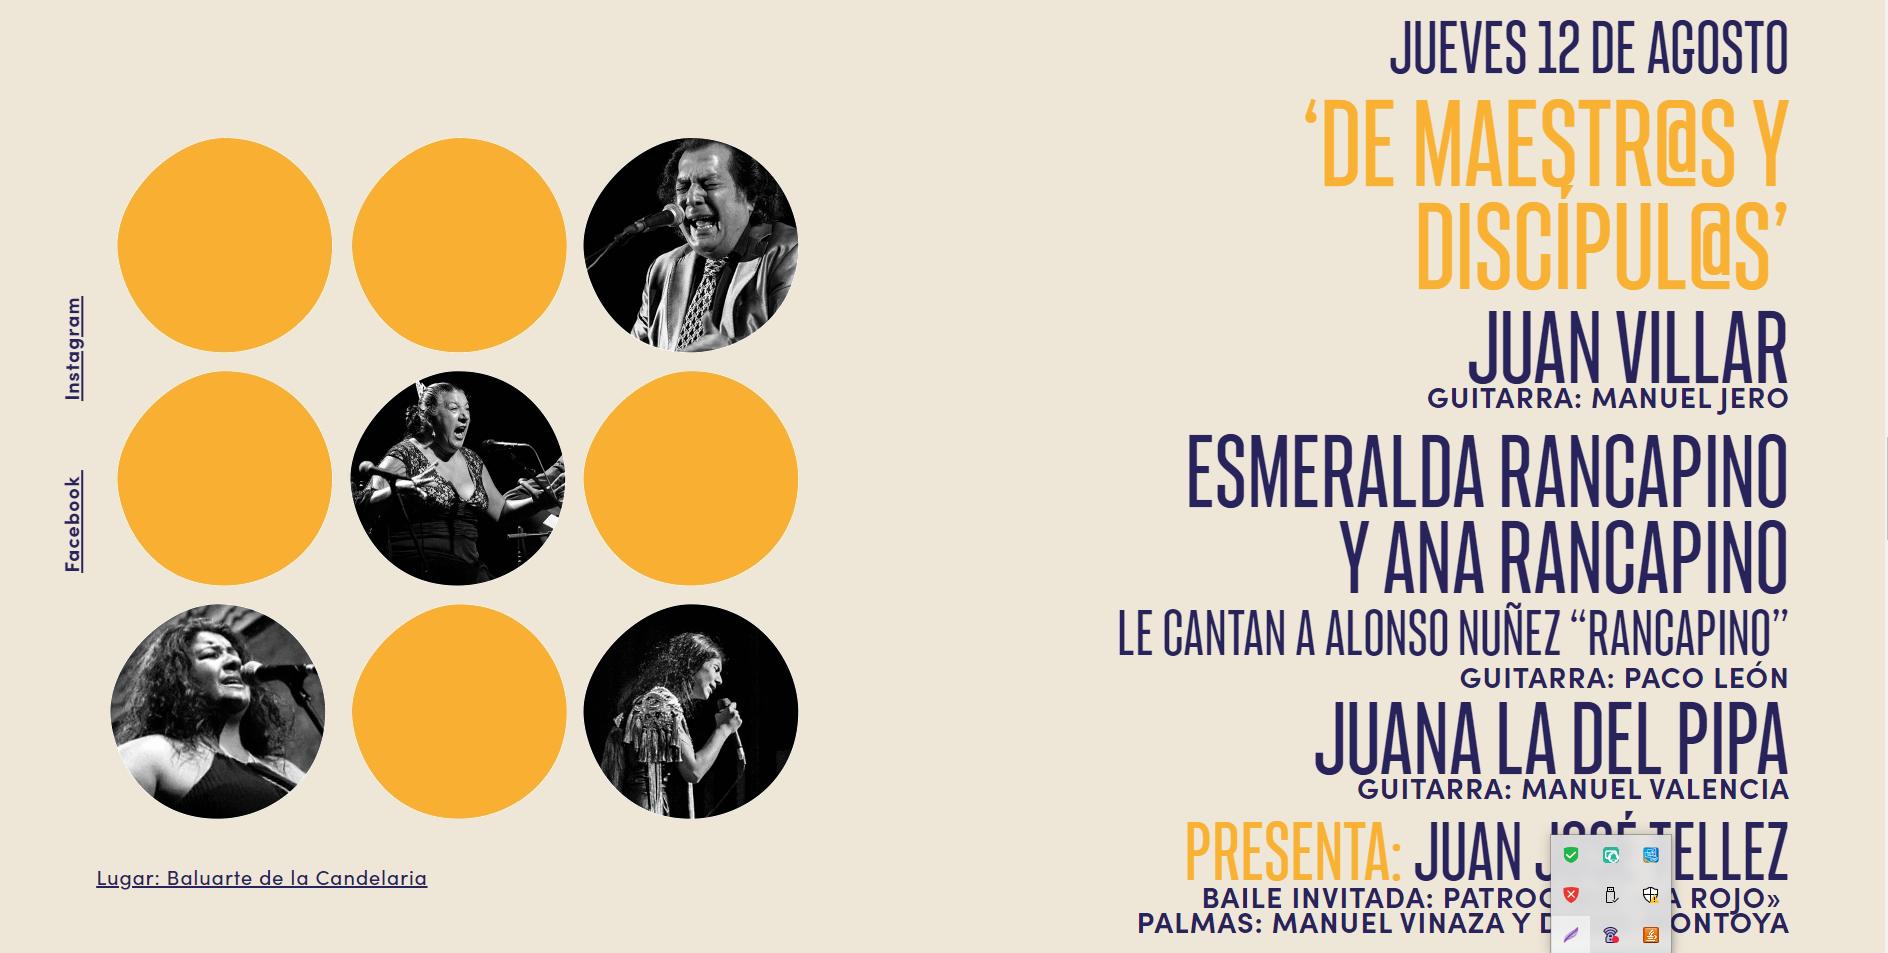 """El Servicio de Extensión Universitaria del Vicerrectorado de Cultura colabora con """"De maestr@s y discípul@s"""" dentro del ciclo """"Cádiz Flamenco"""", en el marco del programa Flamenco en Red"""